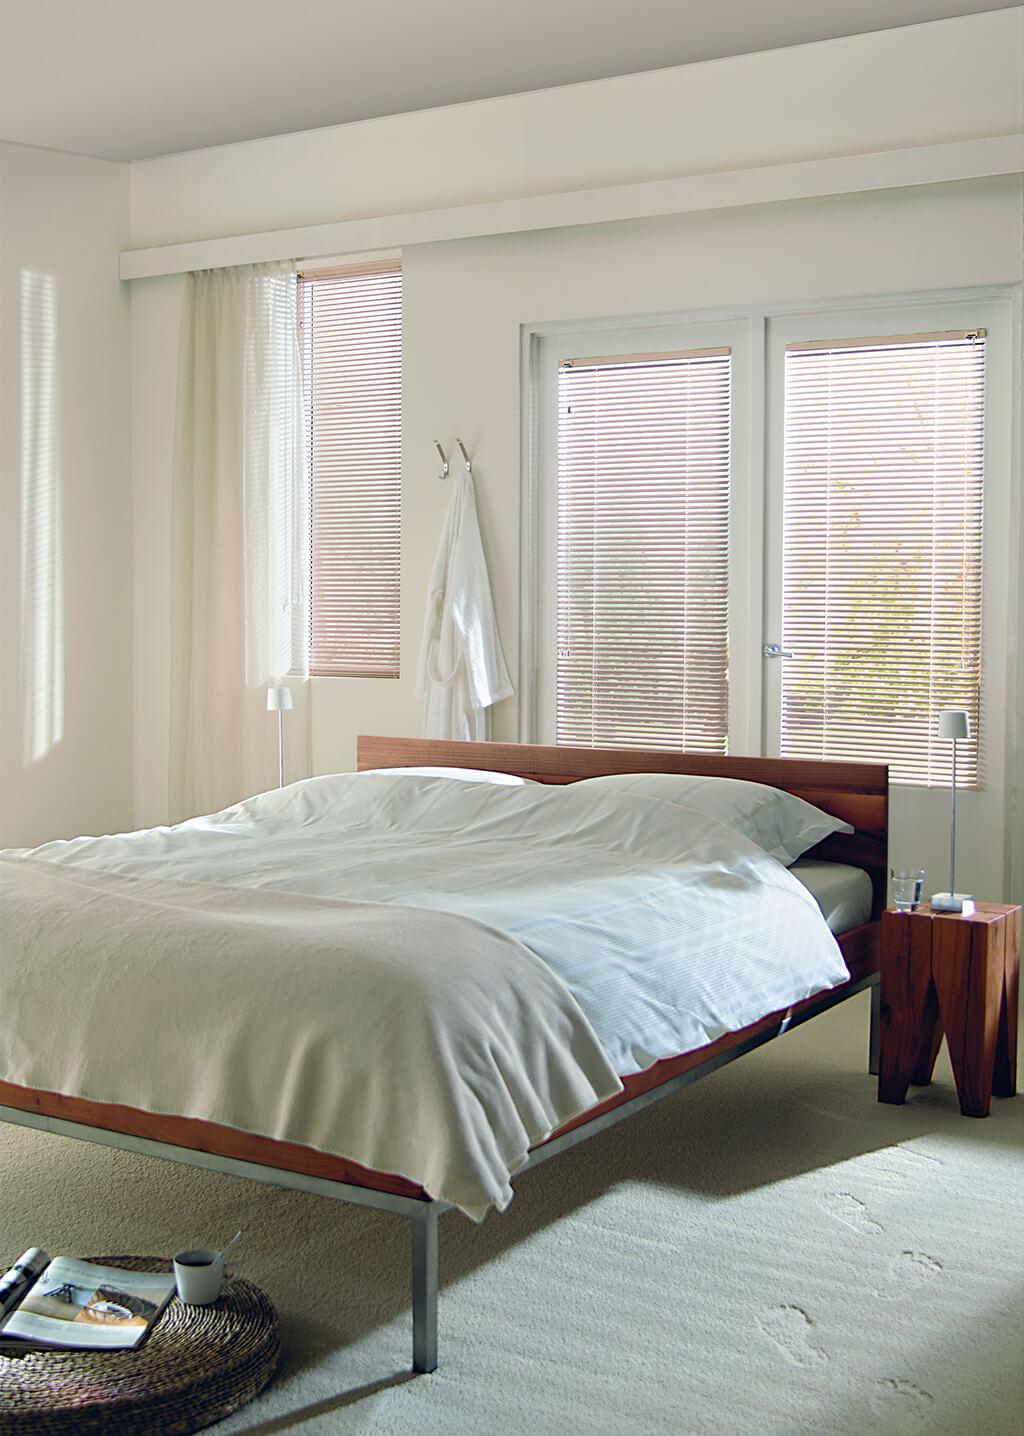 Beige Alu-Jalousie mit schmalen Lamellen an verschieden großen Fenstern im Schlafzimmer